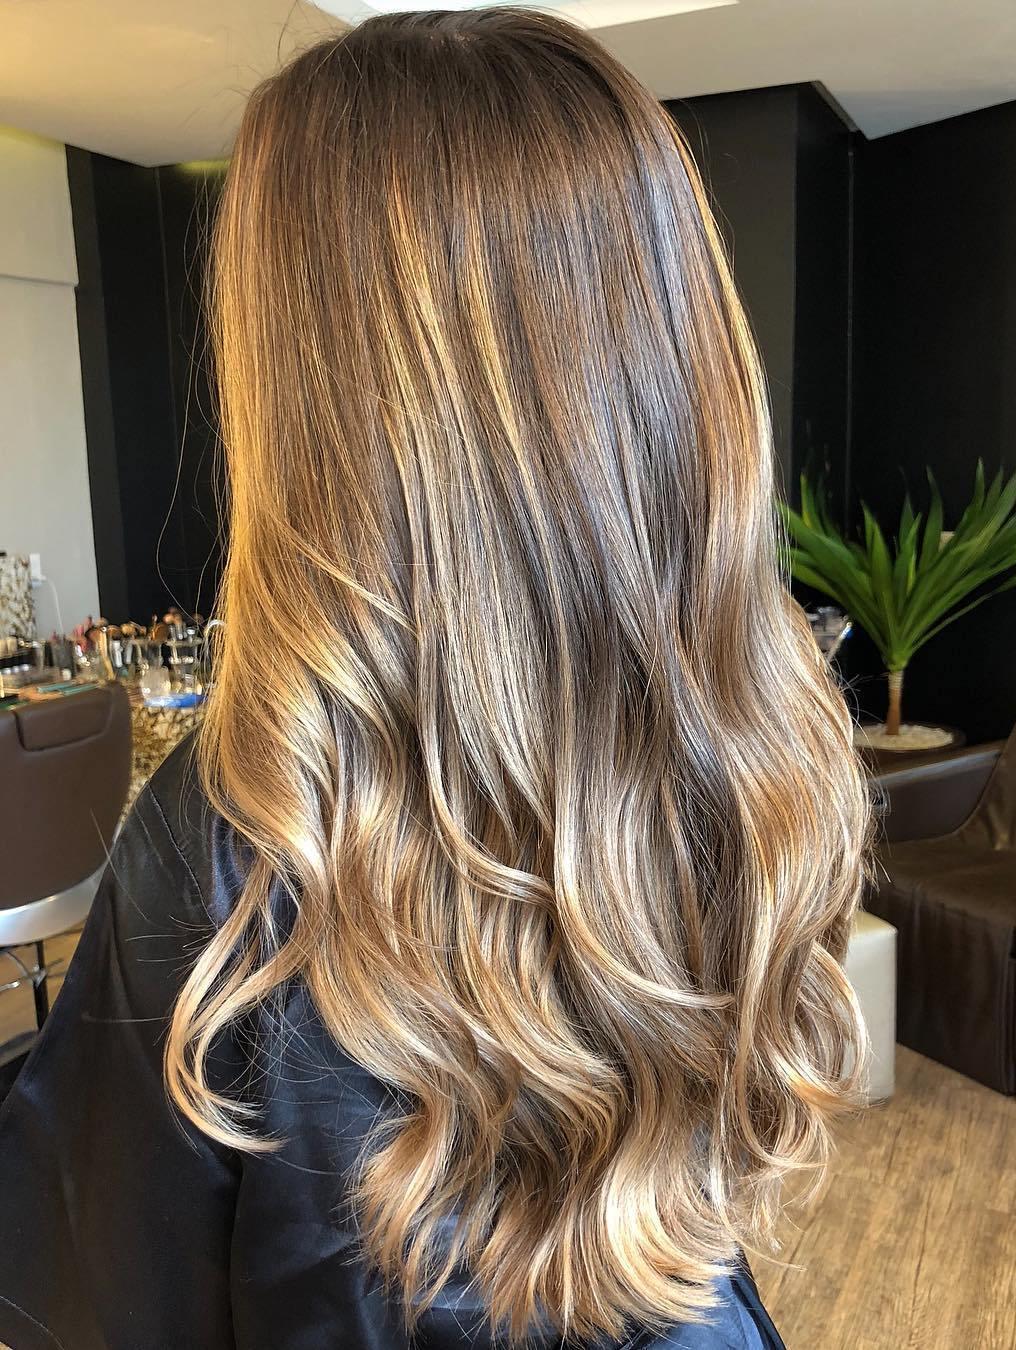 Εντυπωσιακές ιδέες για ανταύγειες για να δώσουμε ζωντάνια και φως στα θαμπά και άτονα κάστανα μαλλιά!